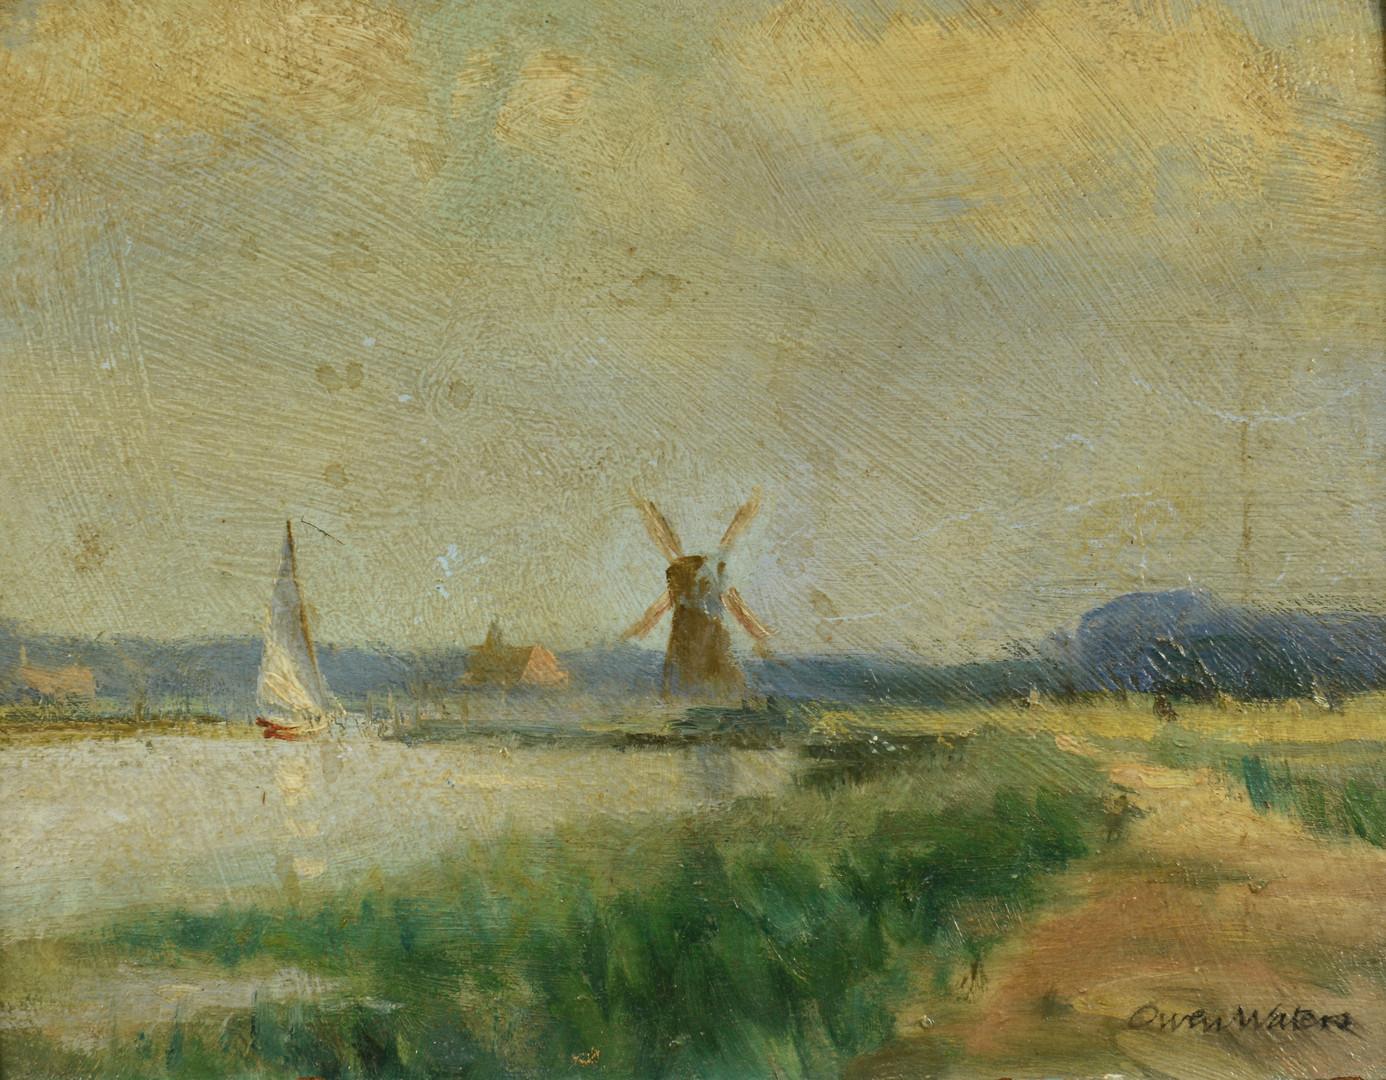 Lot 754: Owen Waters Landscape